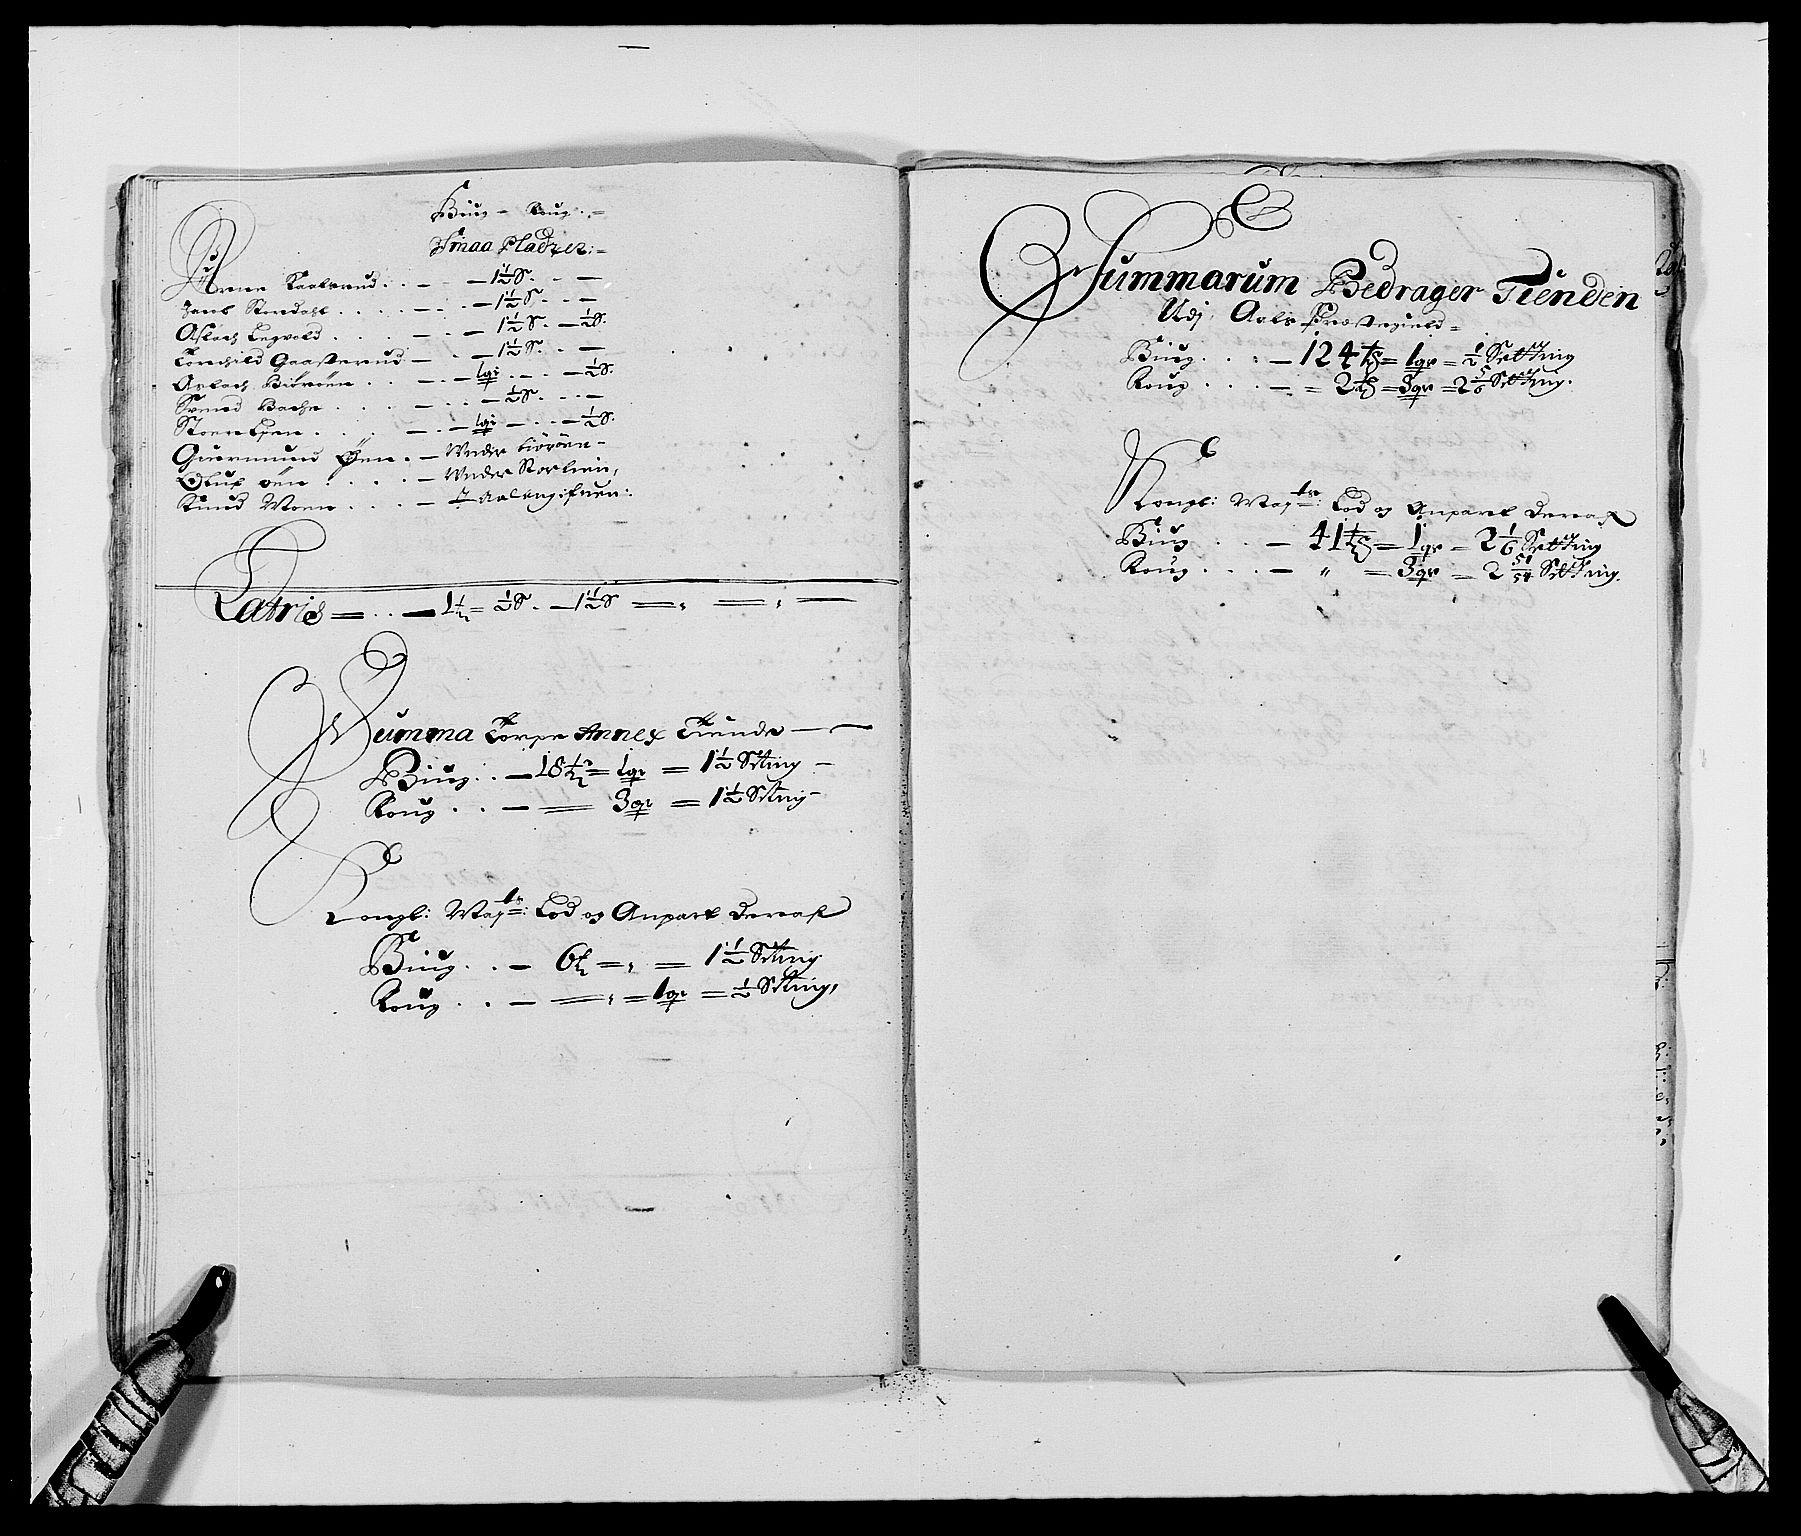 RA, Rentekammeret inntil 1814, Reviderte regnskaper, Fogderegnskap, R21/L1447: Fogderegnskap Ringerike og Hallingdal, 1687-1689, s. 240